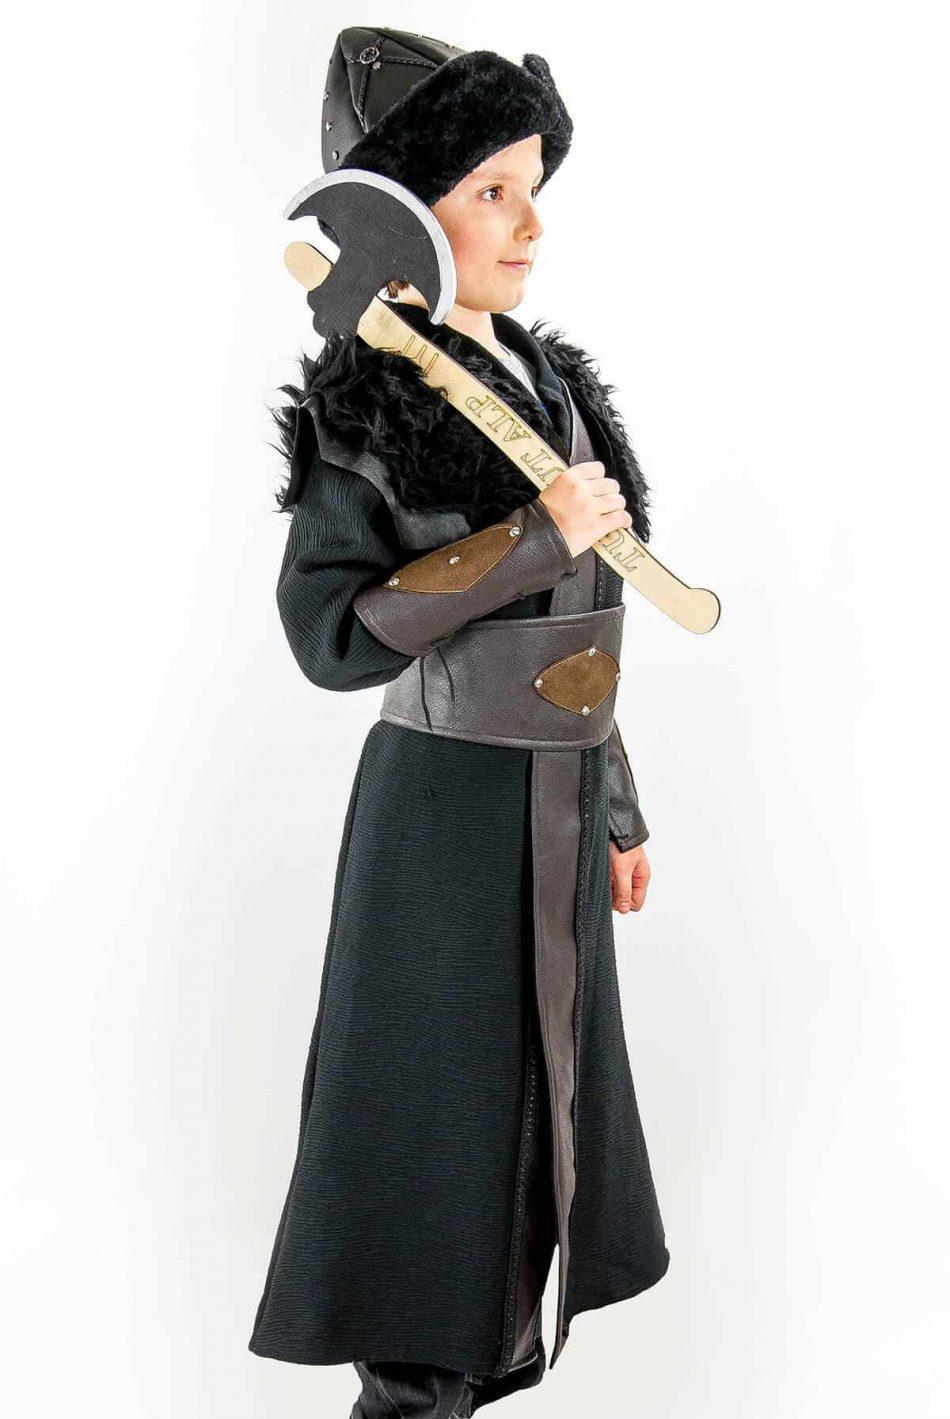 Resurrection Ertugrul Alp Costume For Children 3 950x1419 - Resurrection Ertugrul Alp Costume For Children